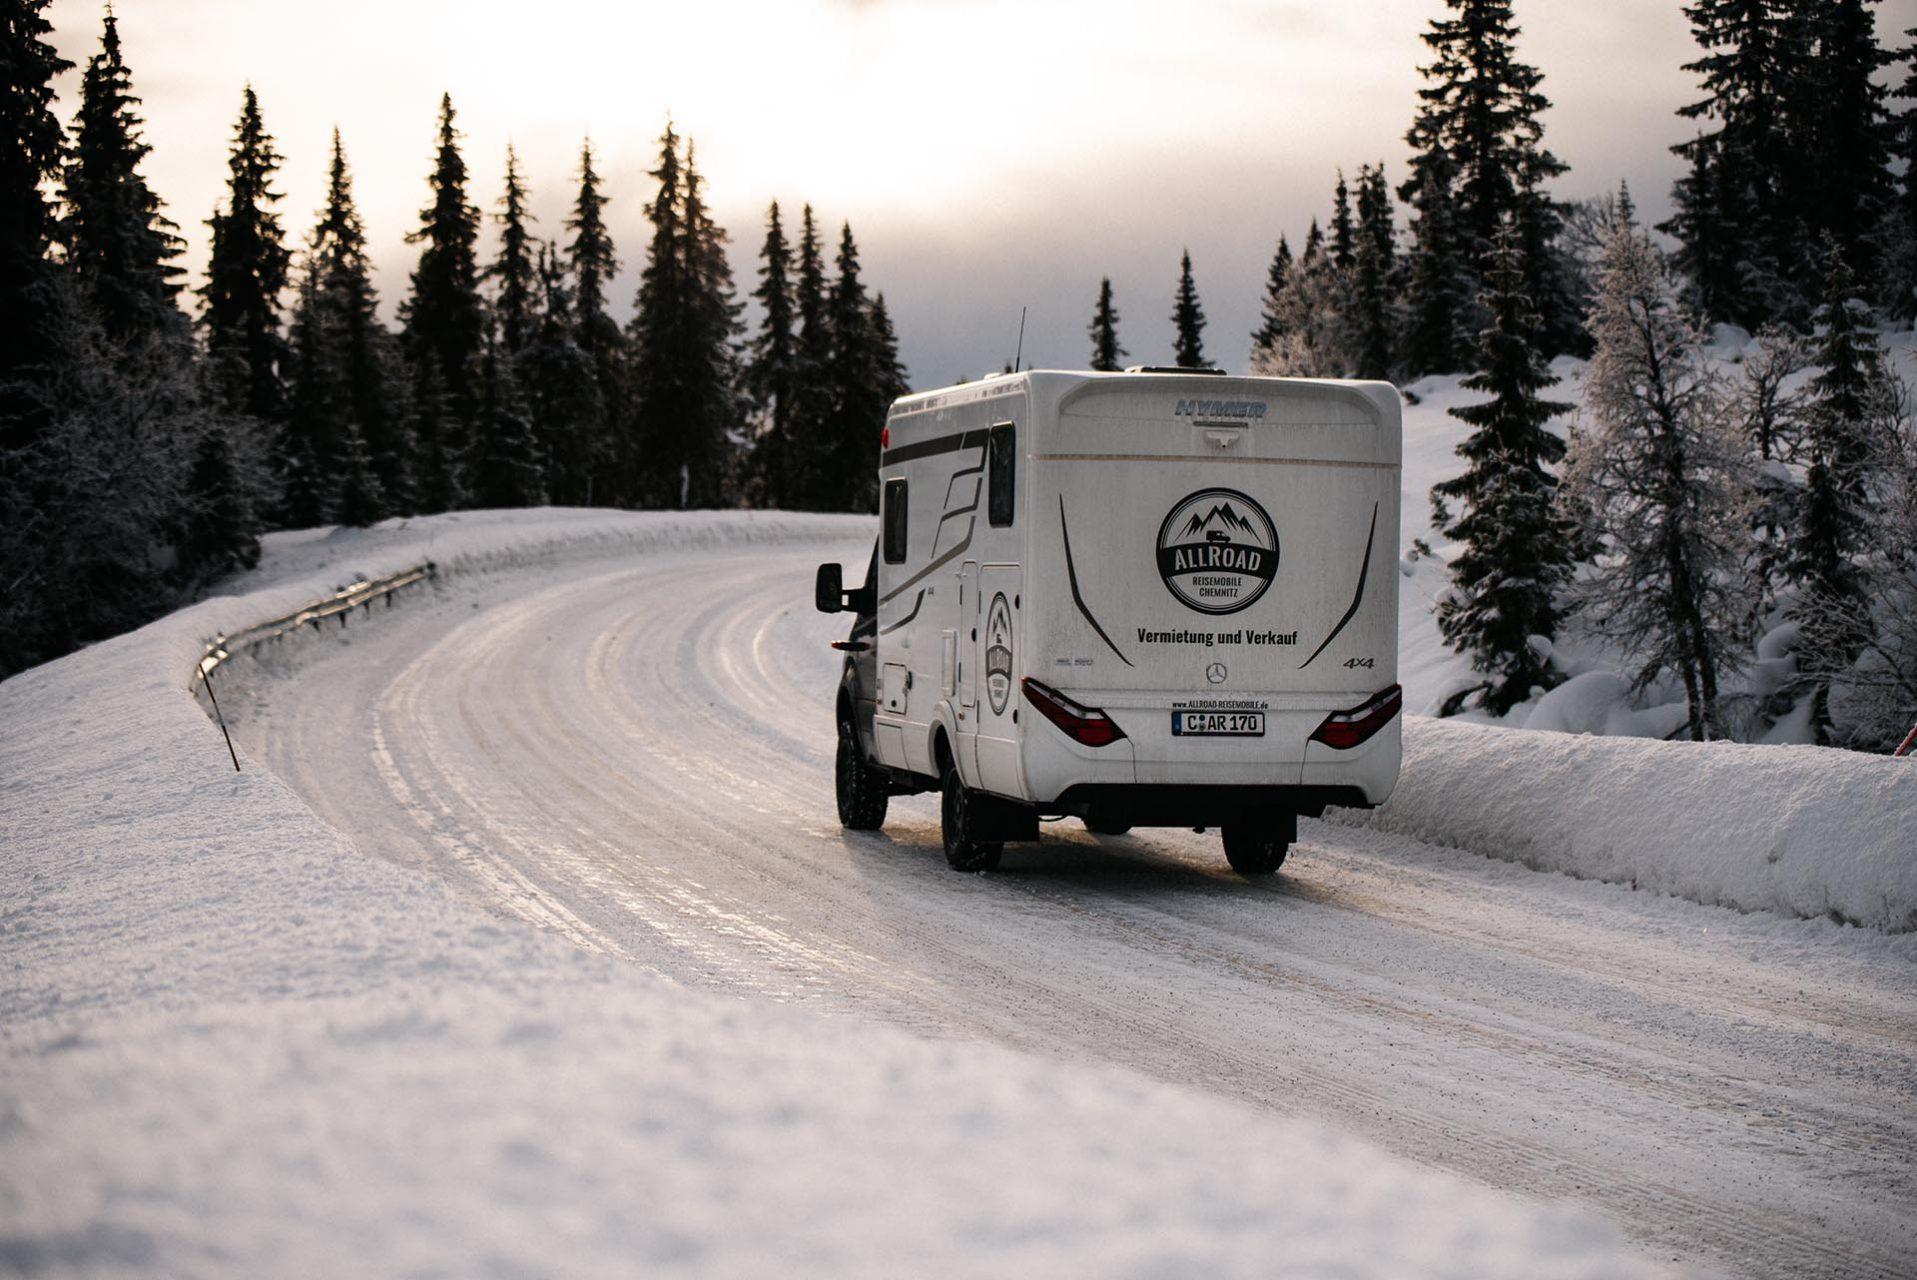 AllRoad Reisemobile Chemnitz in Norwegen